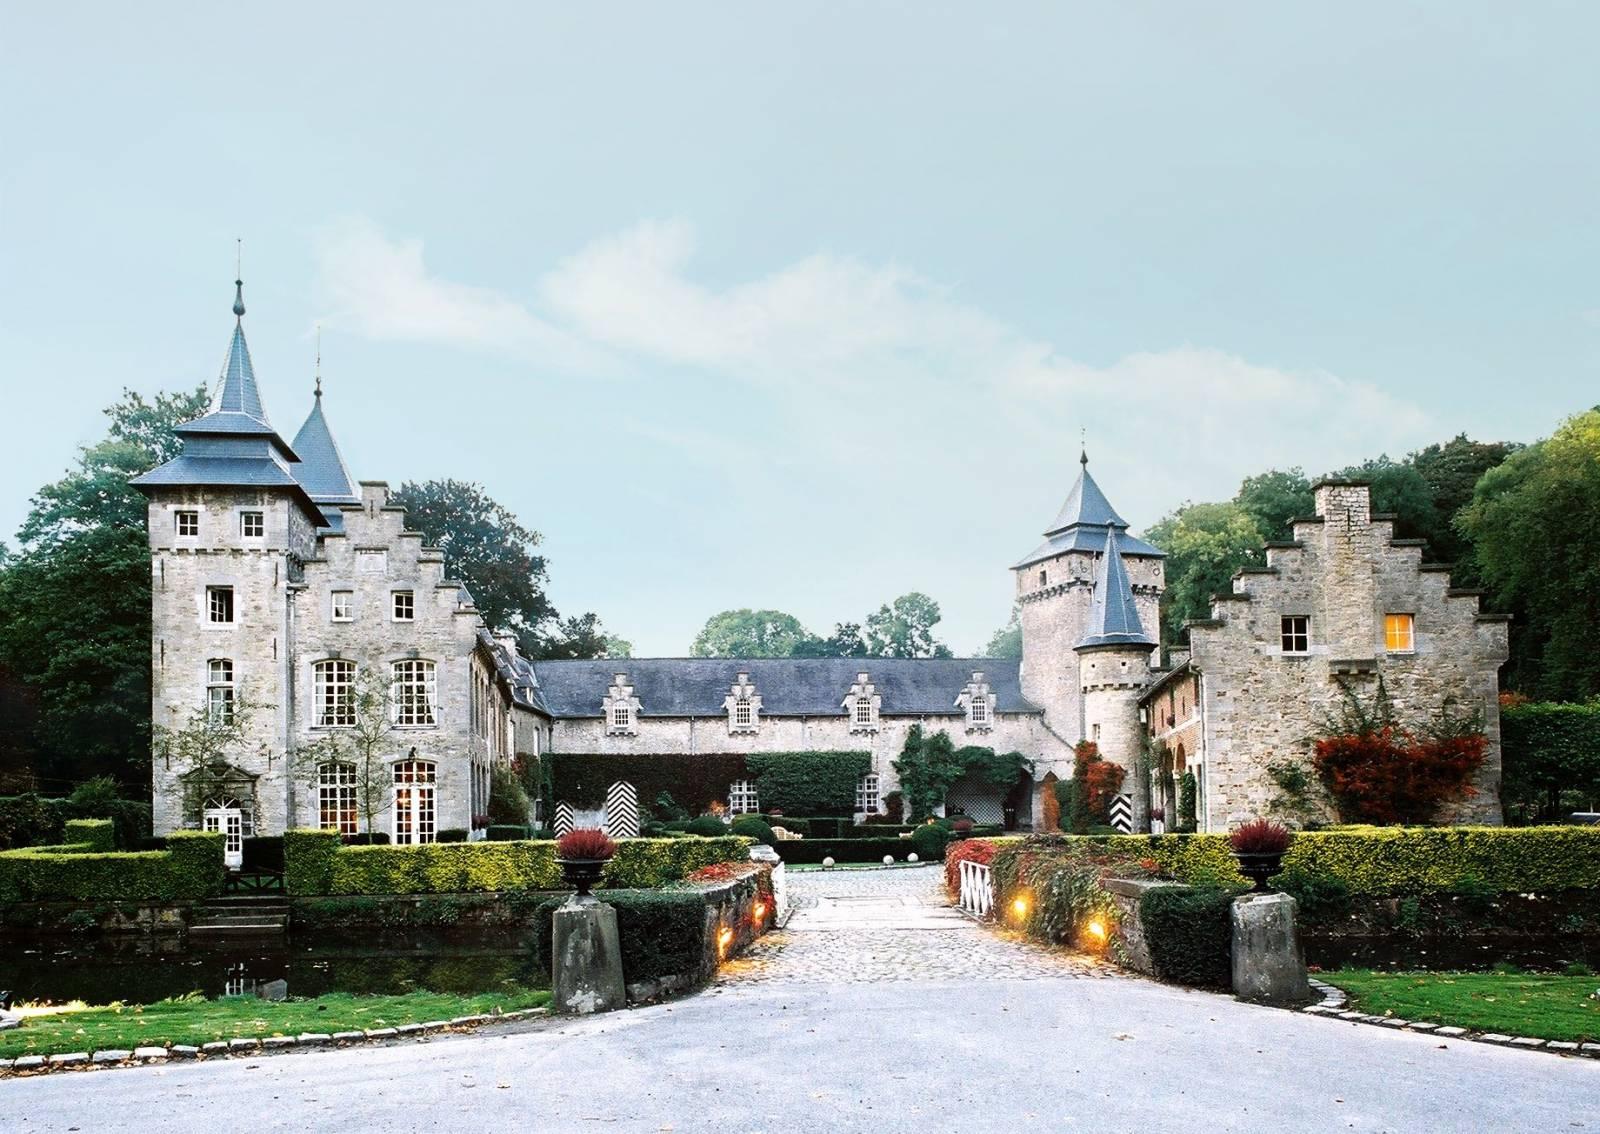 Château de la Rocq - venue - House of Weddings - 3